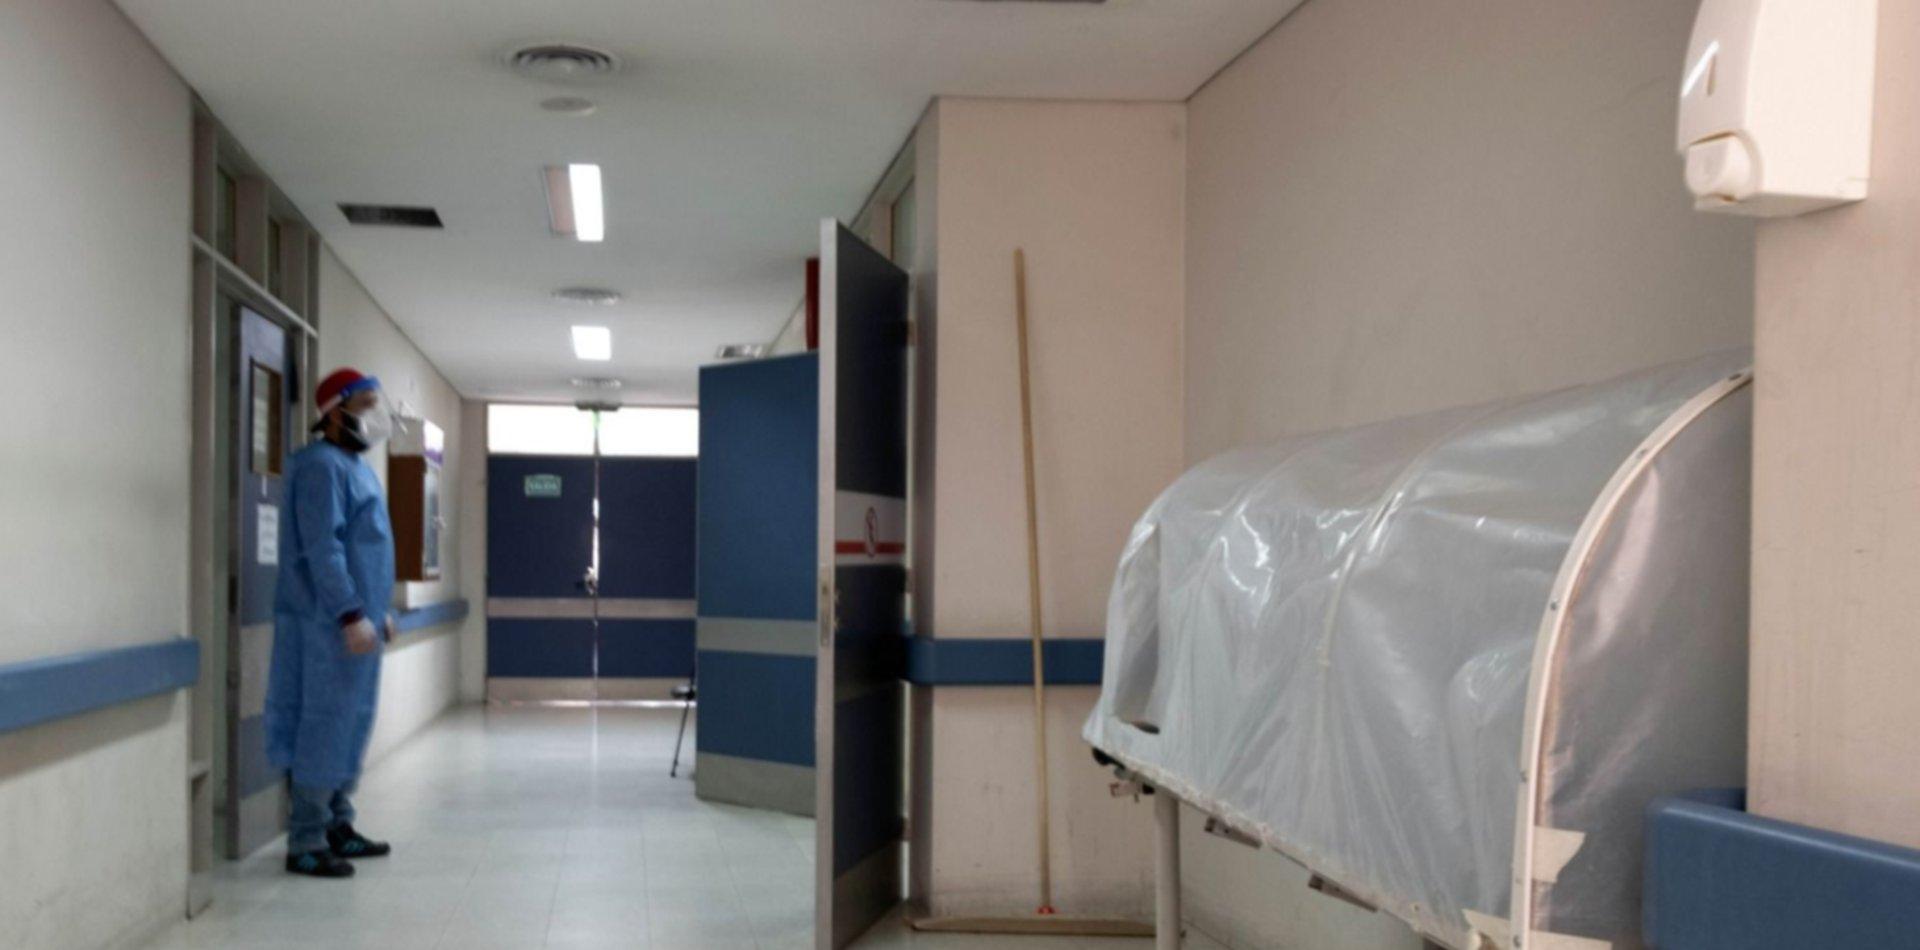 En Argentina ya son más de 600 mil los casos de coronavirus